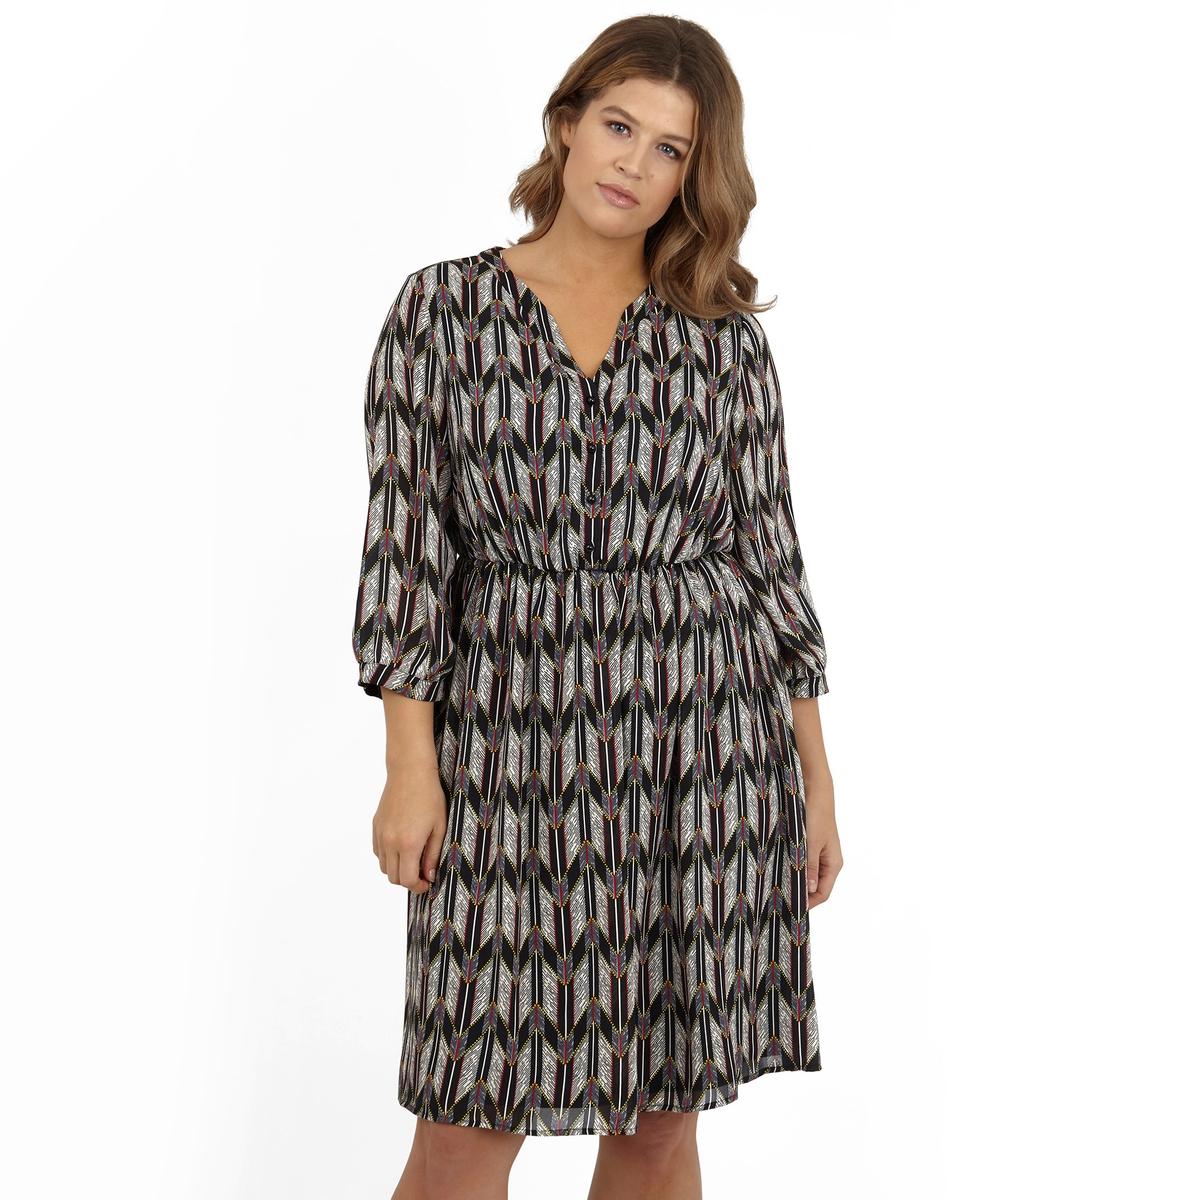 ПлатьеПлатье с длинными рукавами KOKO BY KOKO. Красивый глубокий V-образный вырез. 100% полиэстер.<br><br>Цвет: набивной рисунок<br>Размер: 48 (FR) - 54 (RUS).58/60 (FR) - 64/66 (RUS).44 (FR) - 50 (RUS)